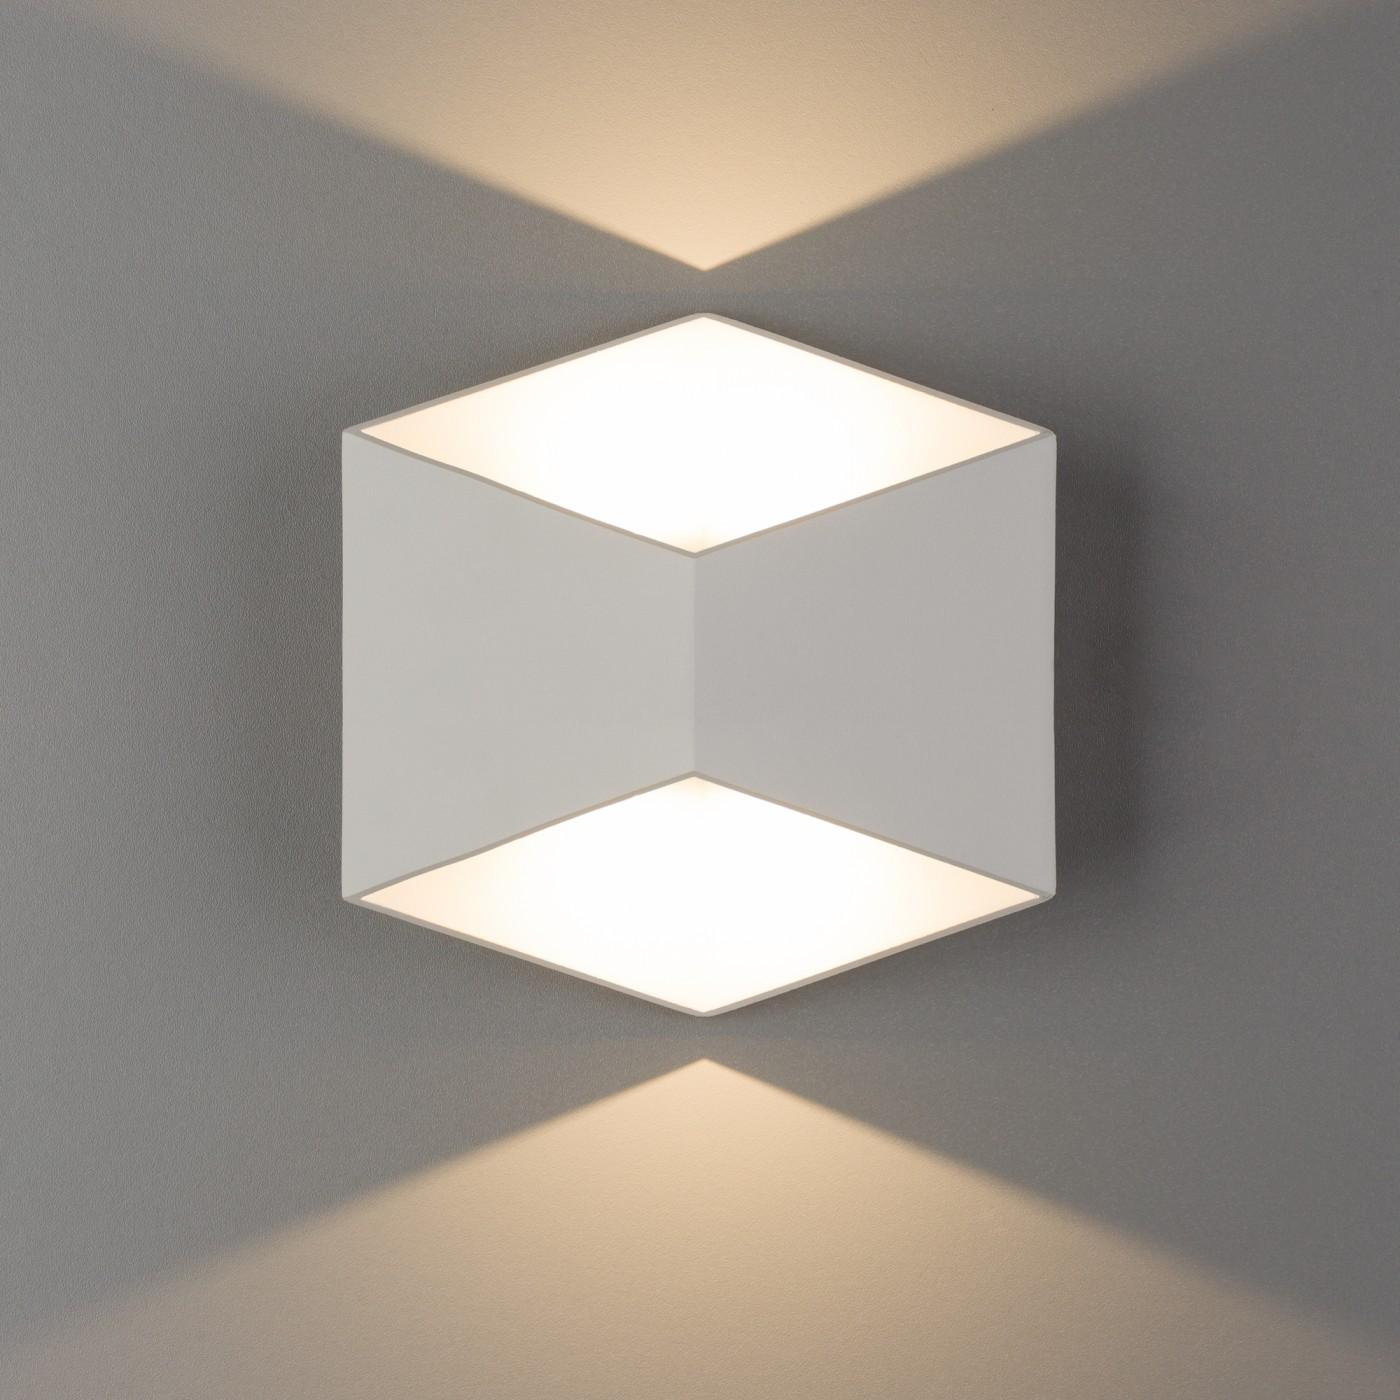 TRIANGLES LED white 8143 Nowodvorski Lighting